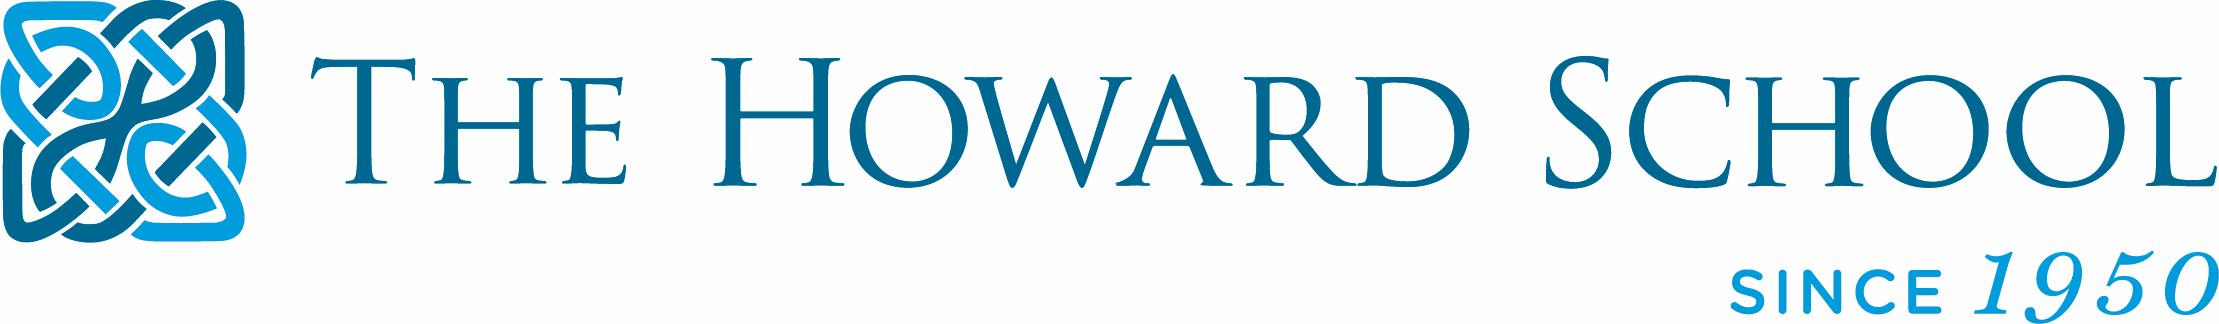 The Howard School Company Logo